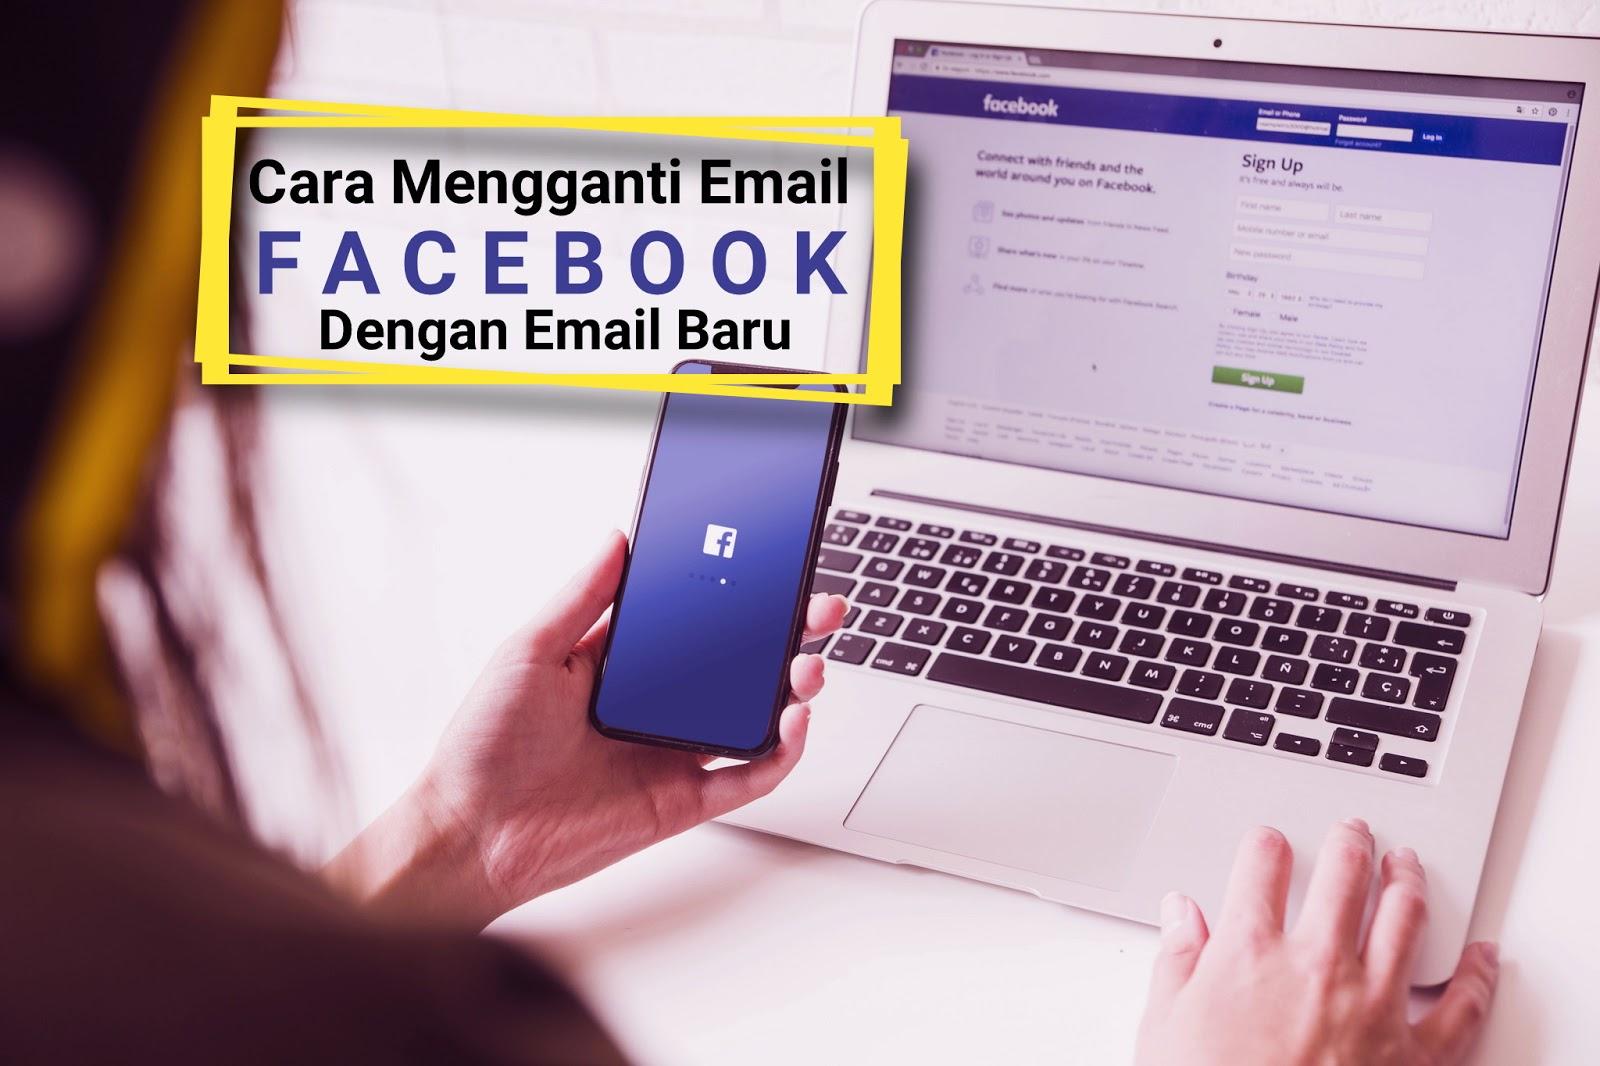 Cara Mengganti Email Facebook dengan Email Baru